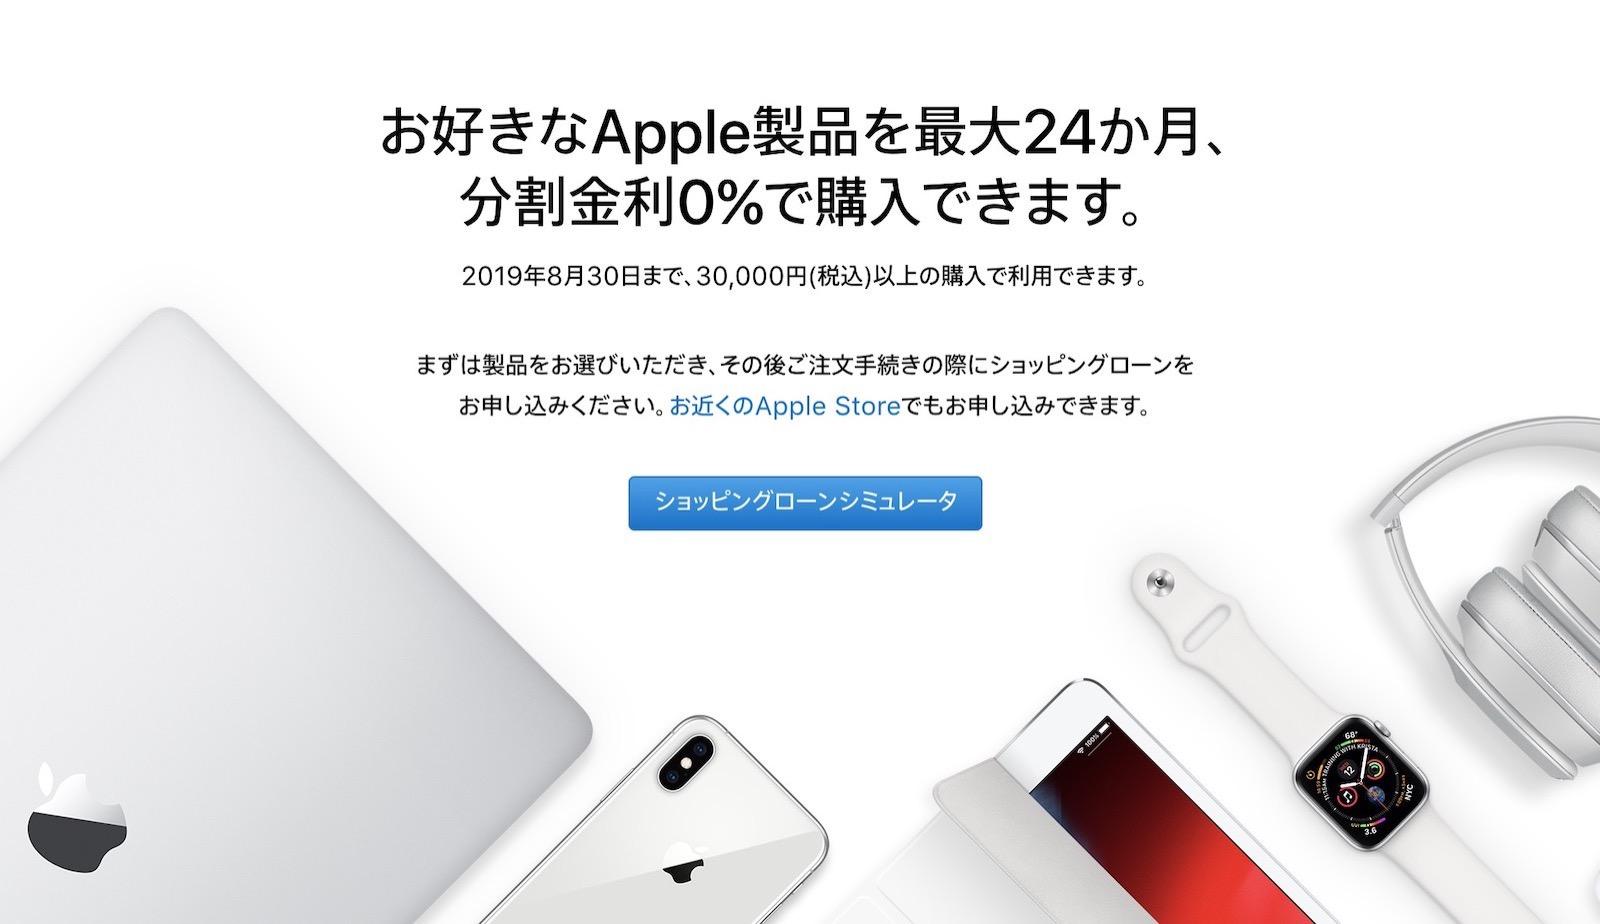 Apple-Financing-20190830.jpg